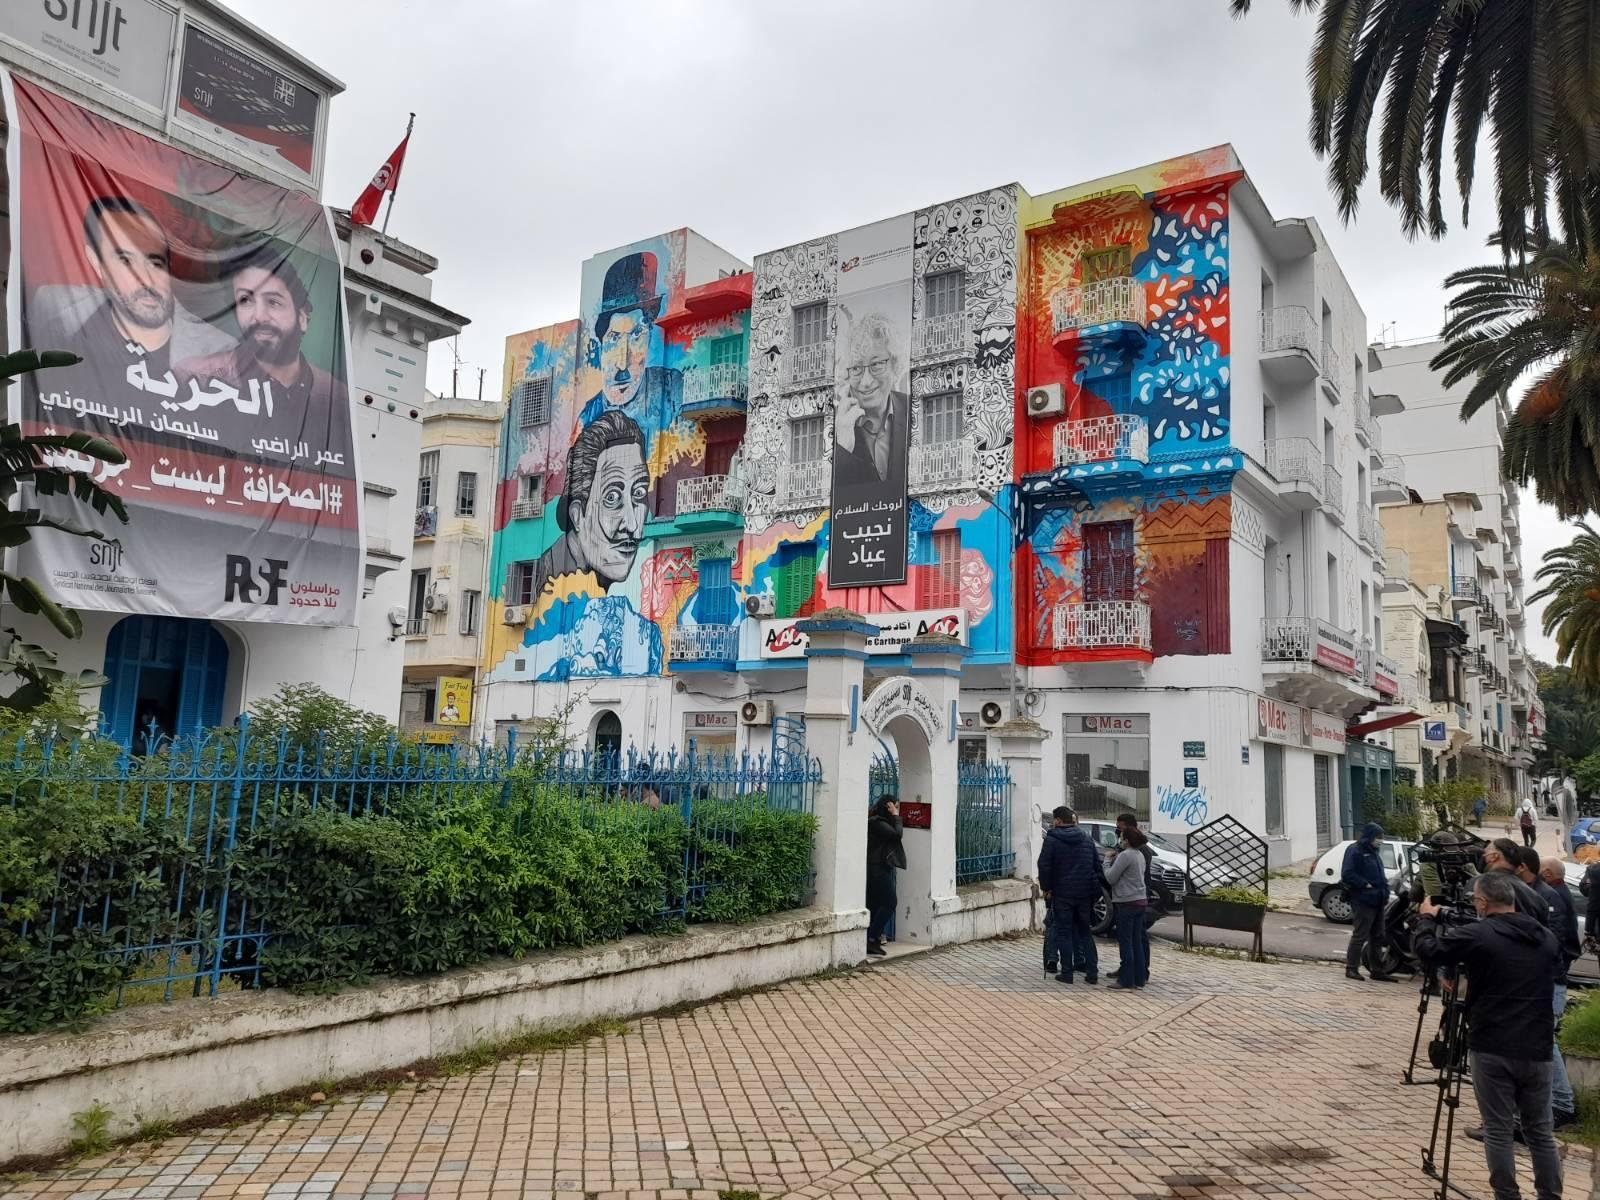 تونس: تنظيم وقفة للمطالبة بالإفراج عن عمر الراضي وسليمان الريسوني